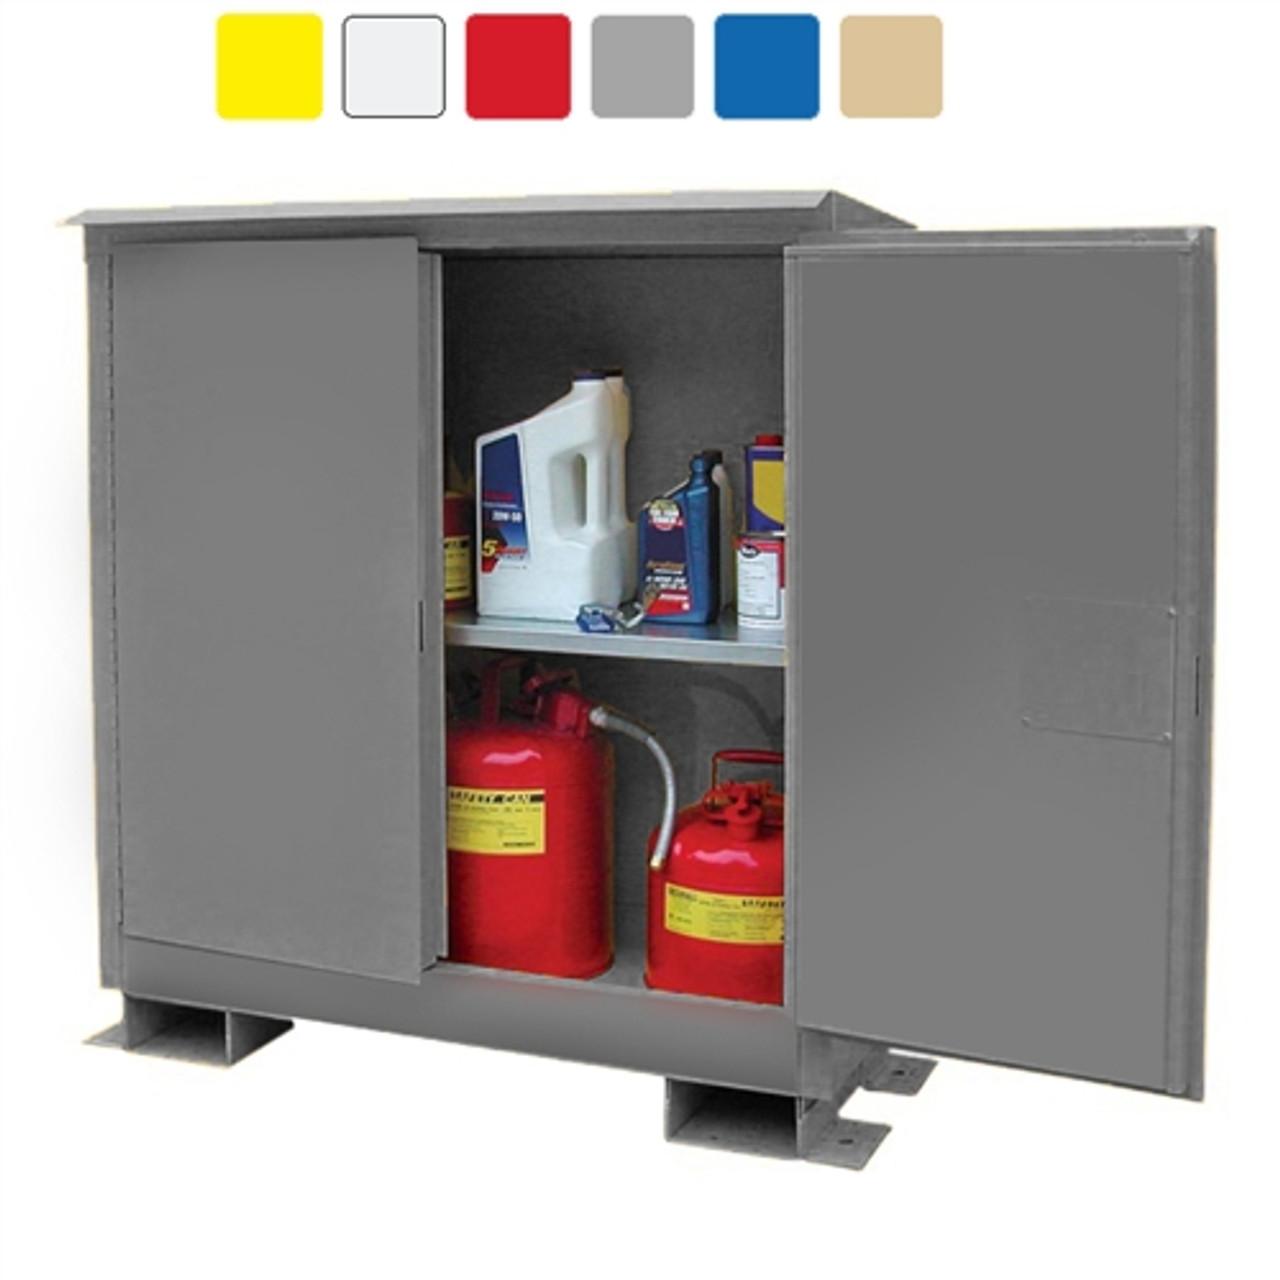 weatherproof outdoor cabinet 45 gal self closing 2 door. Black Bedroom Furniture Sets. Home Design Ideas